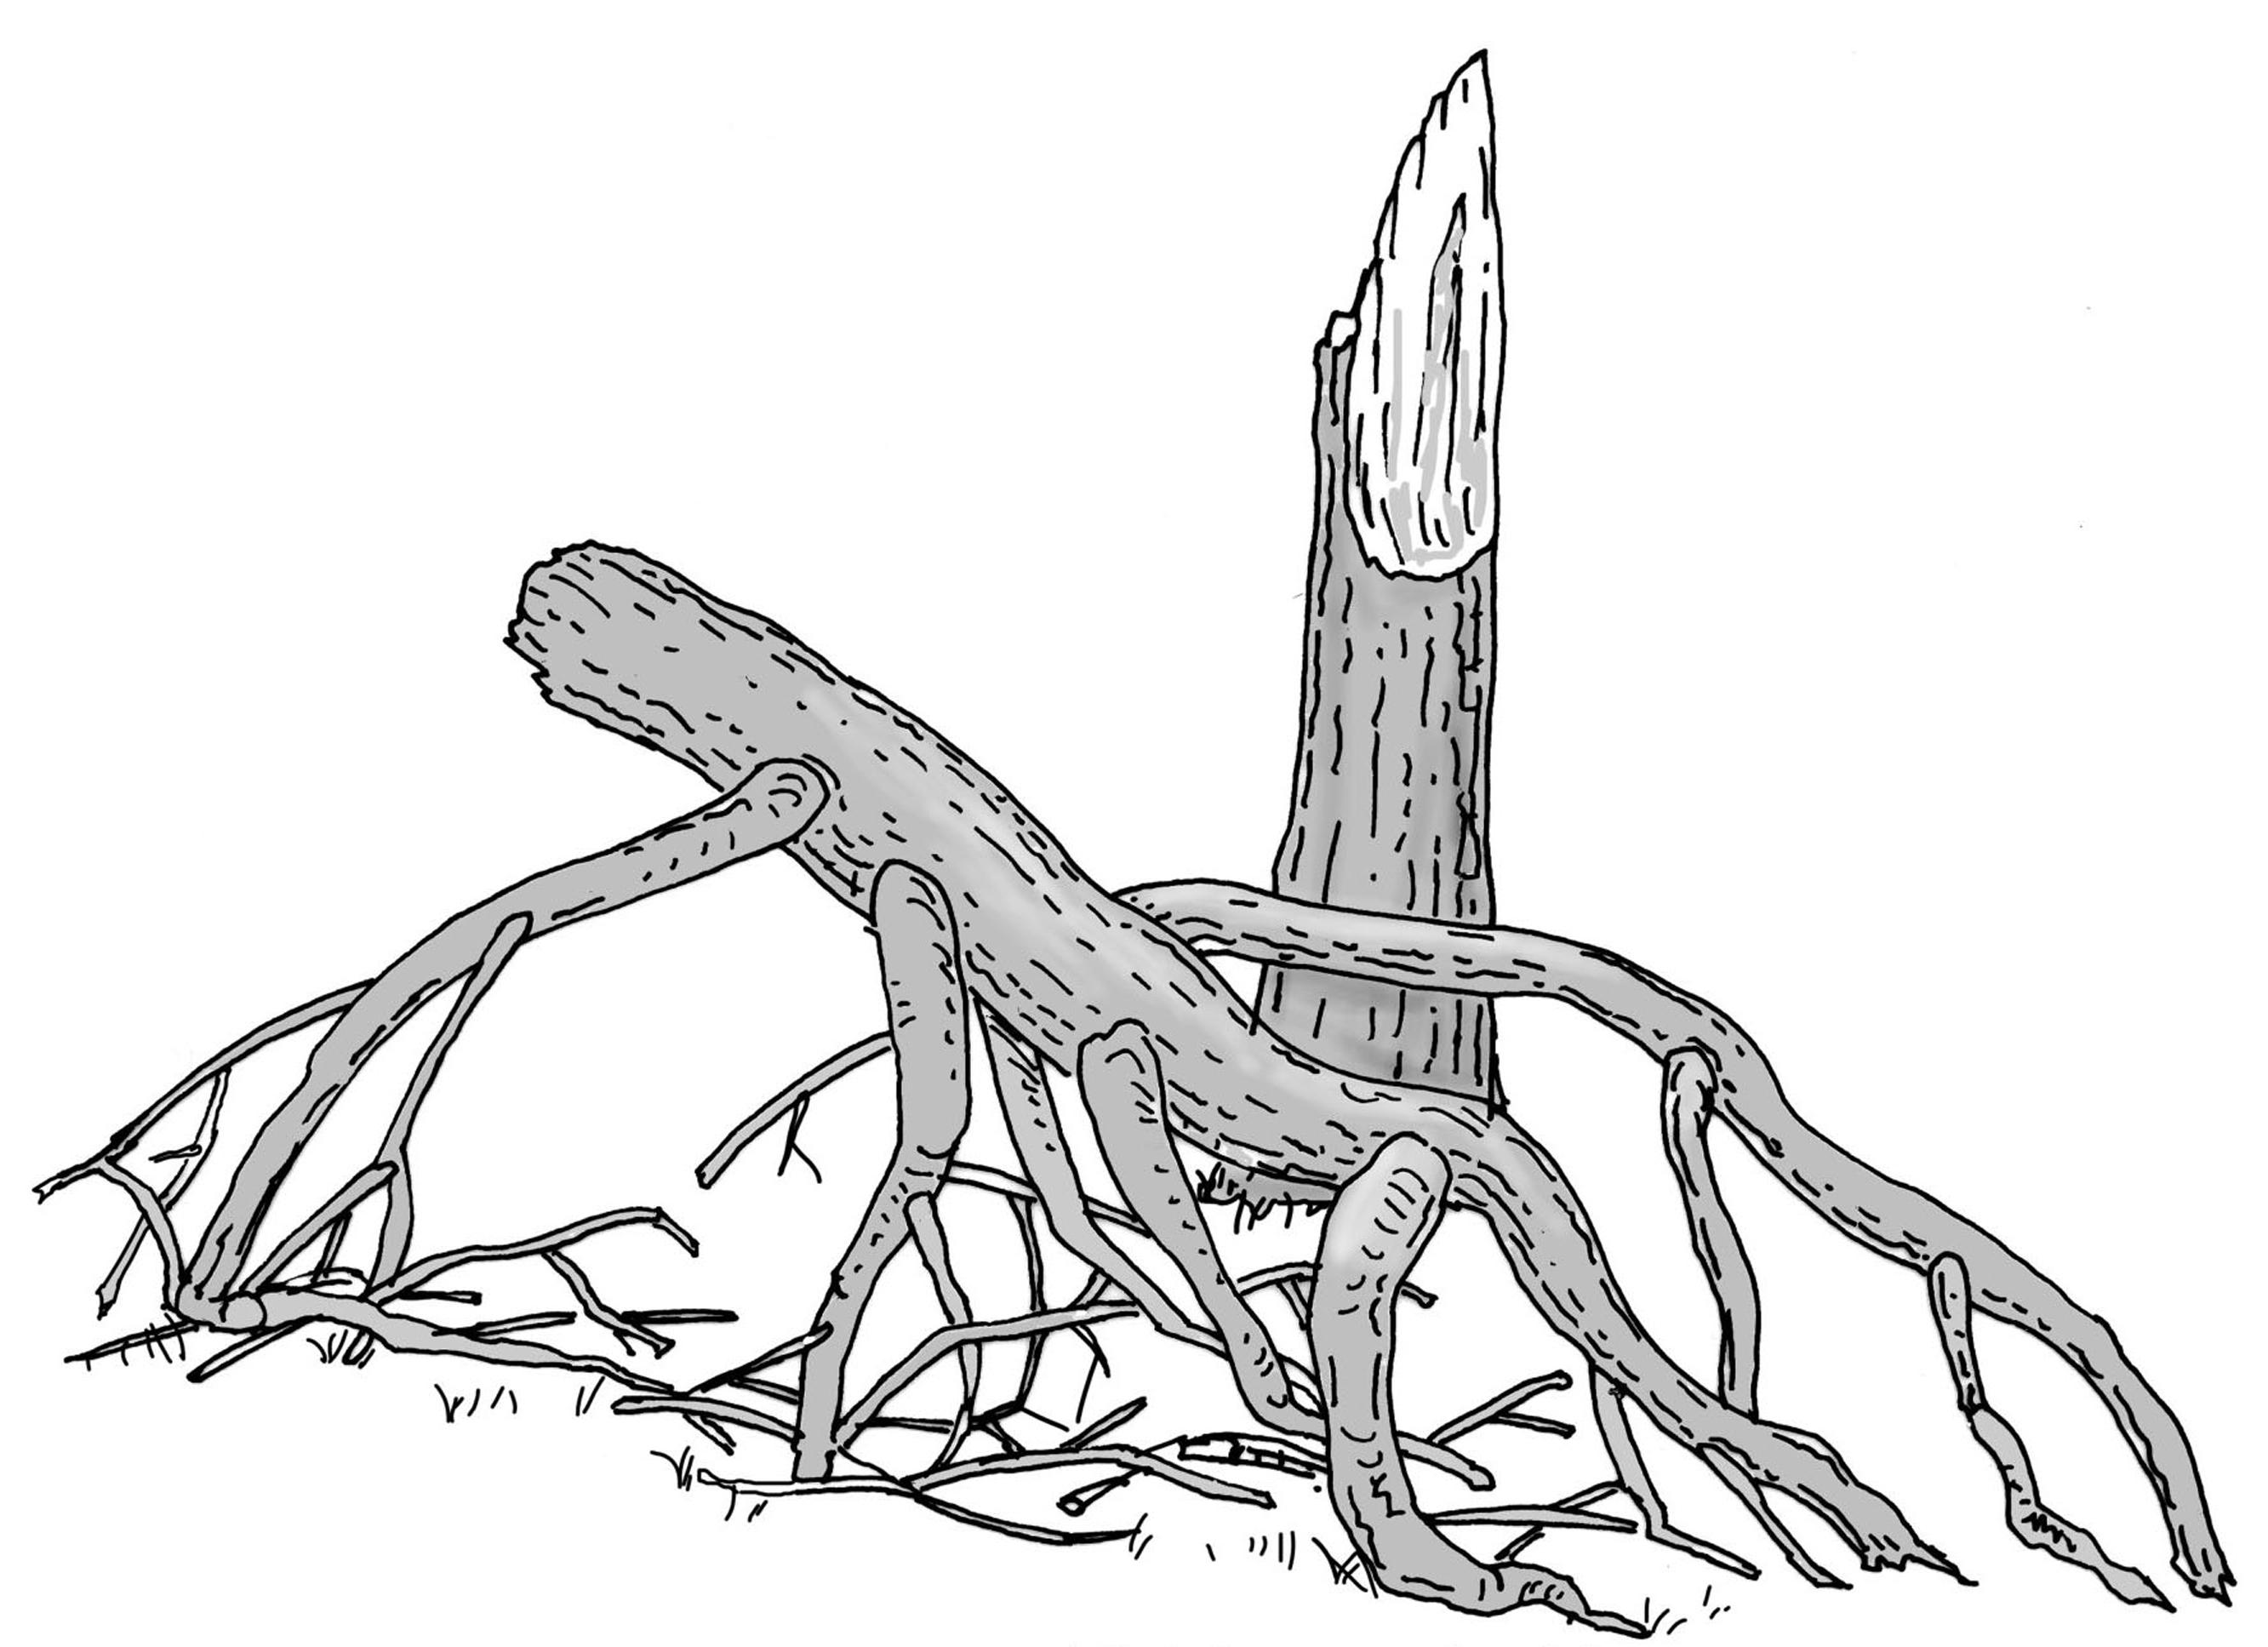 Liegende Krone. Zeichnung W. Roloff.